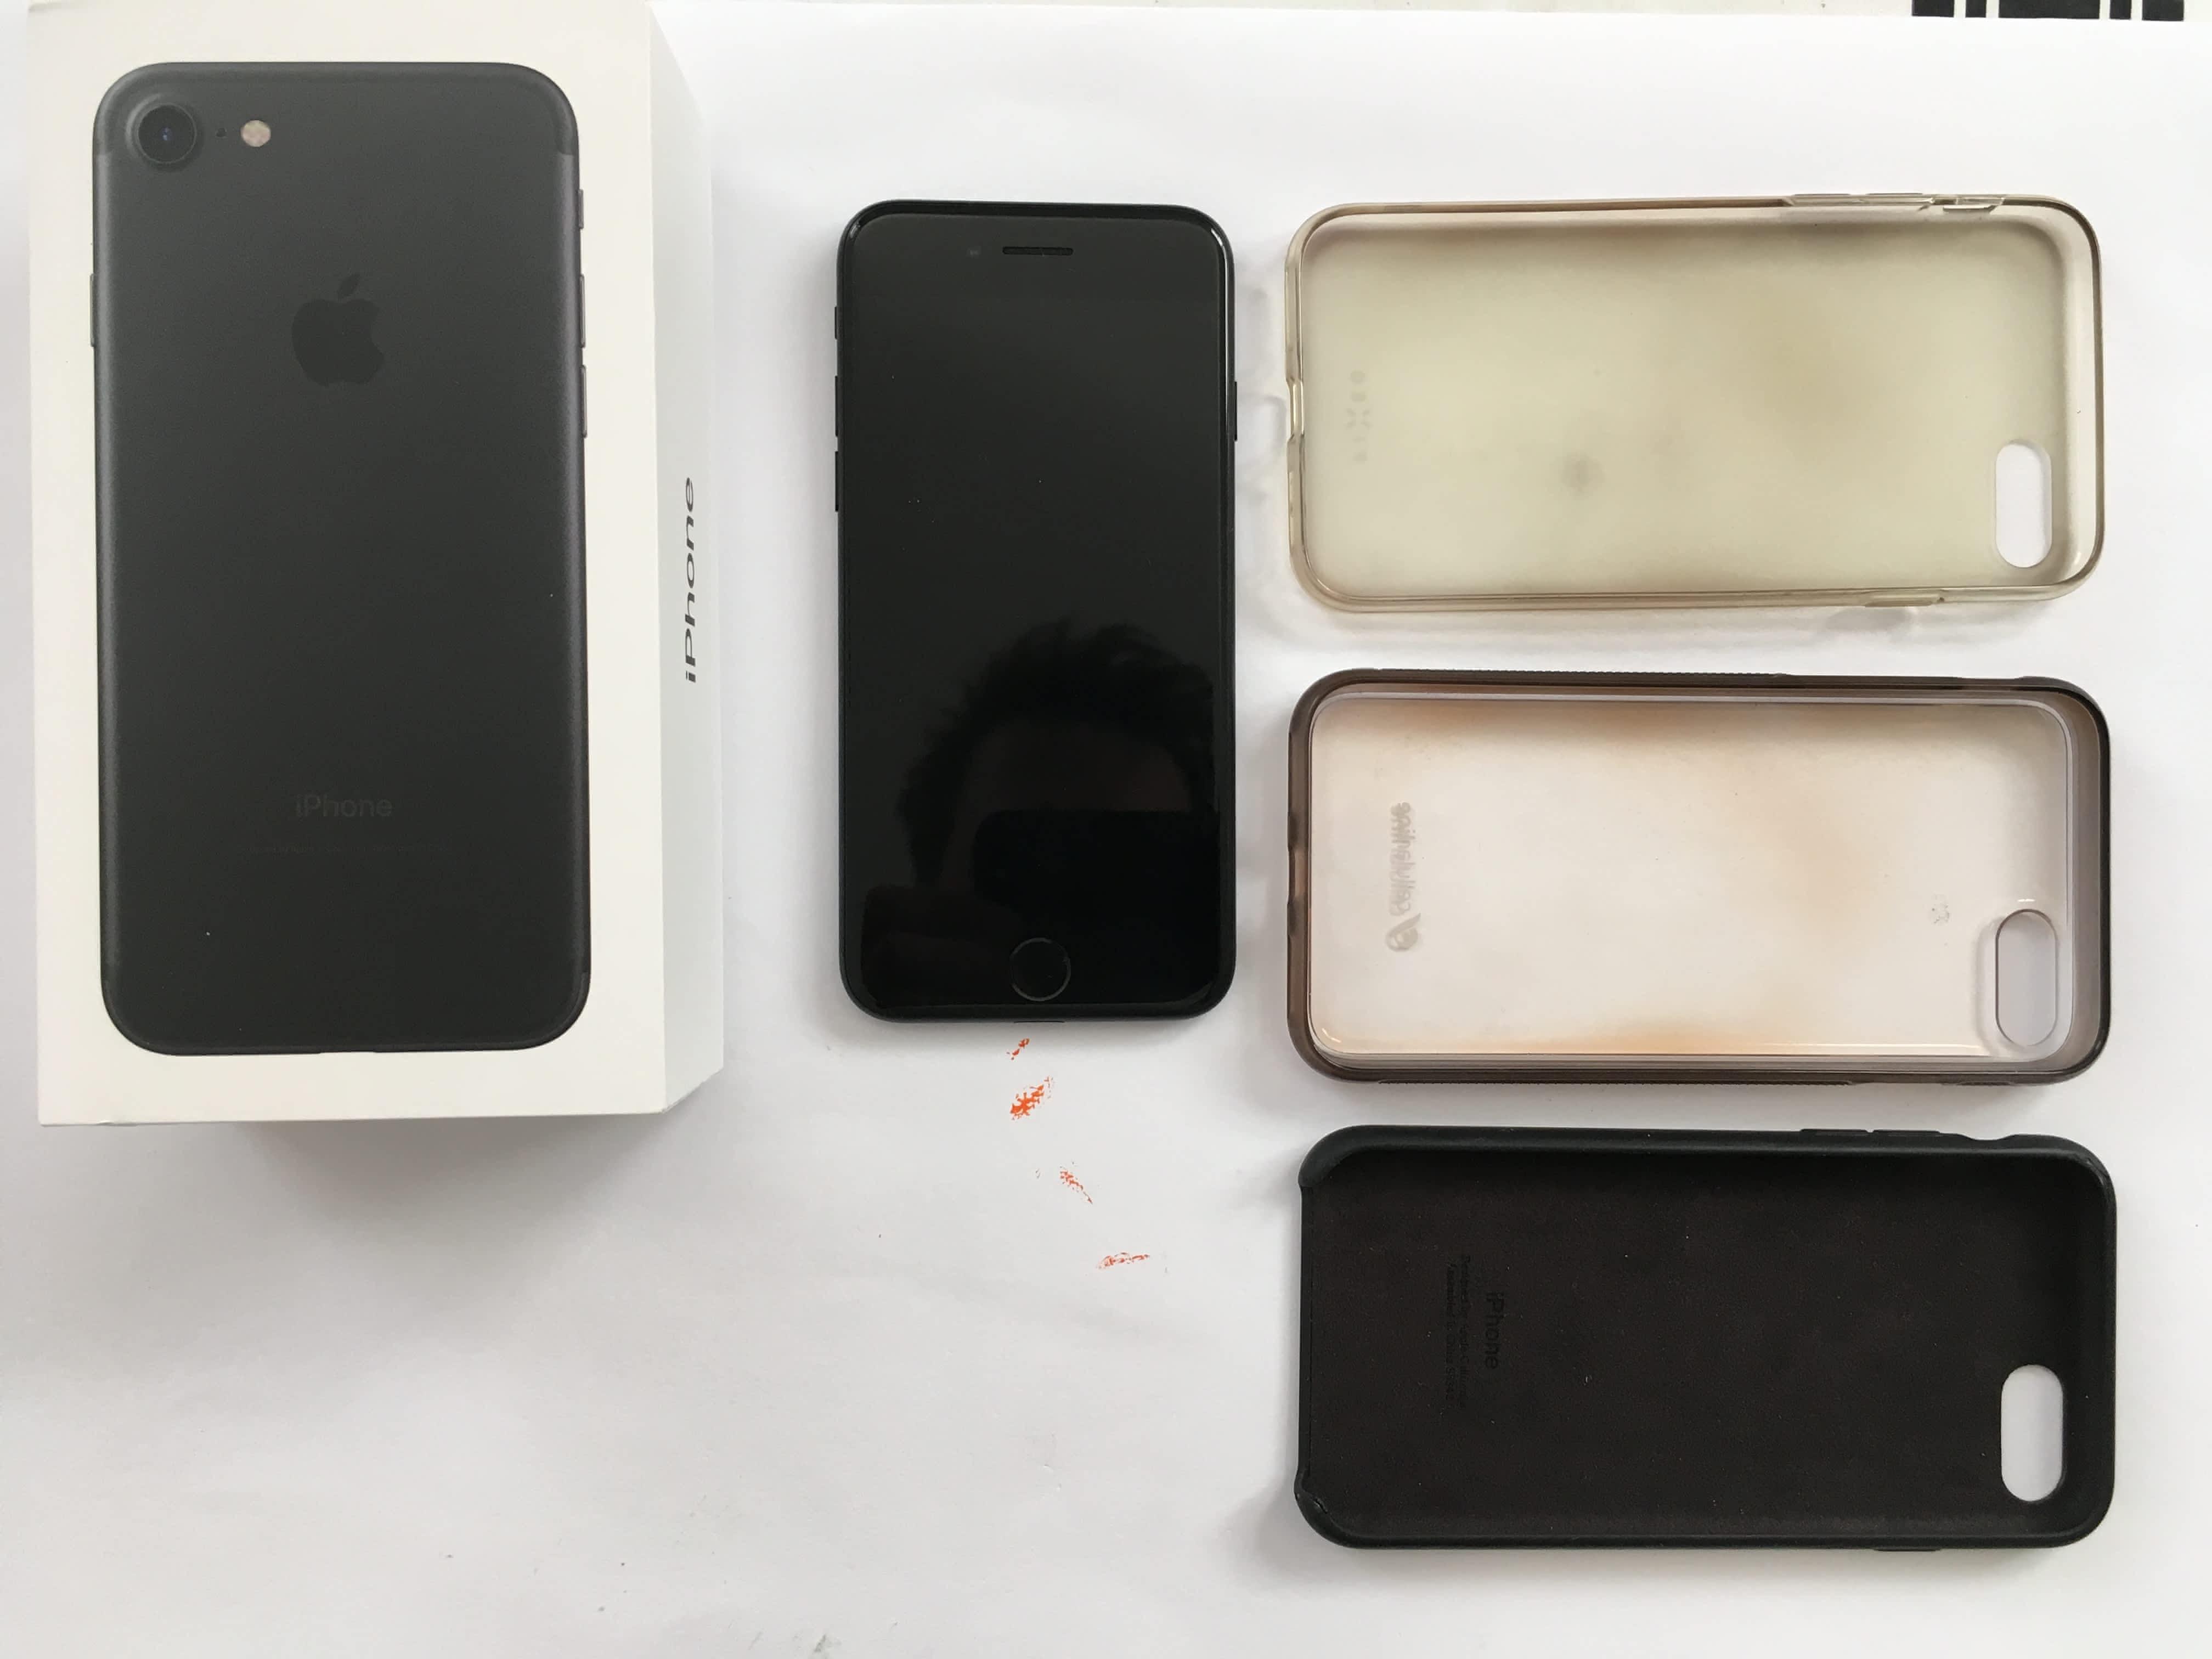 Recenze iPhone 6 Plus: velikost a výdrž nade vše